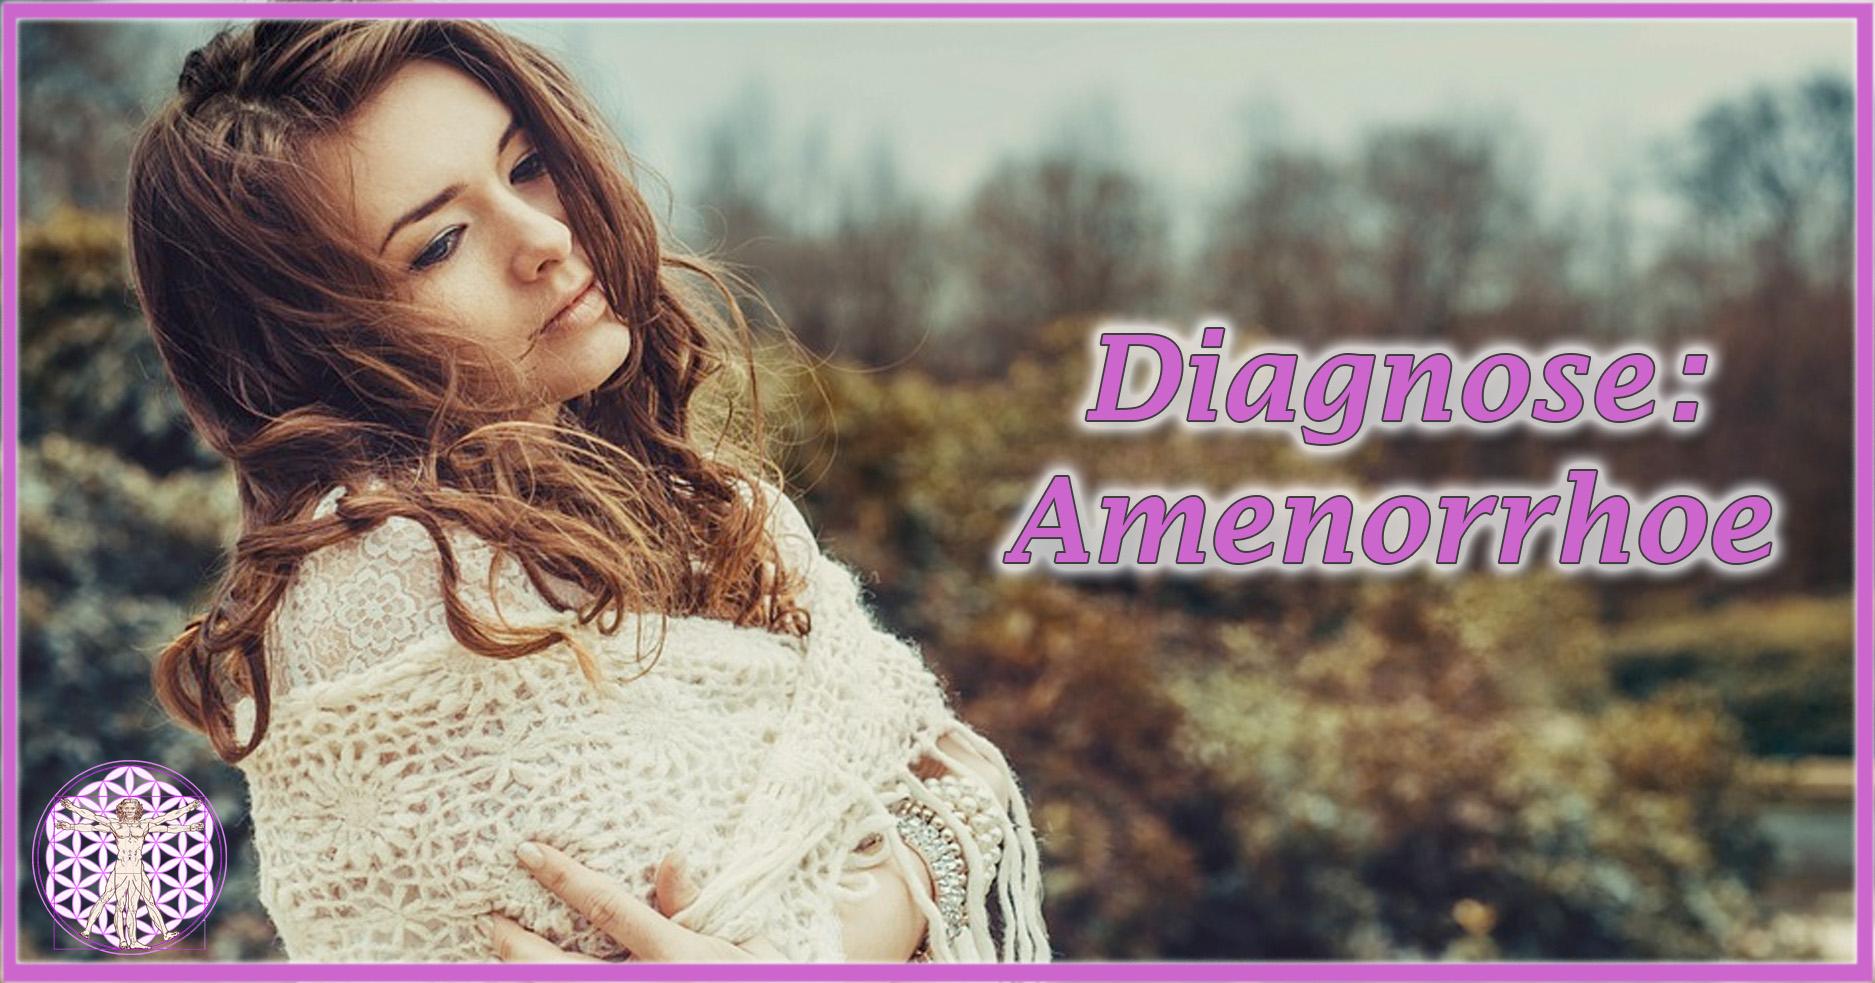 Amenorrhoe